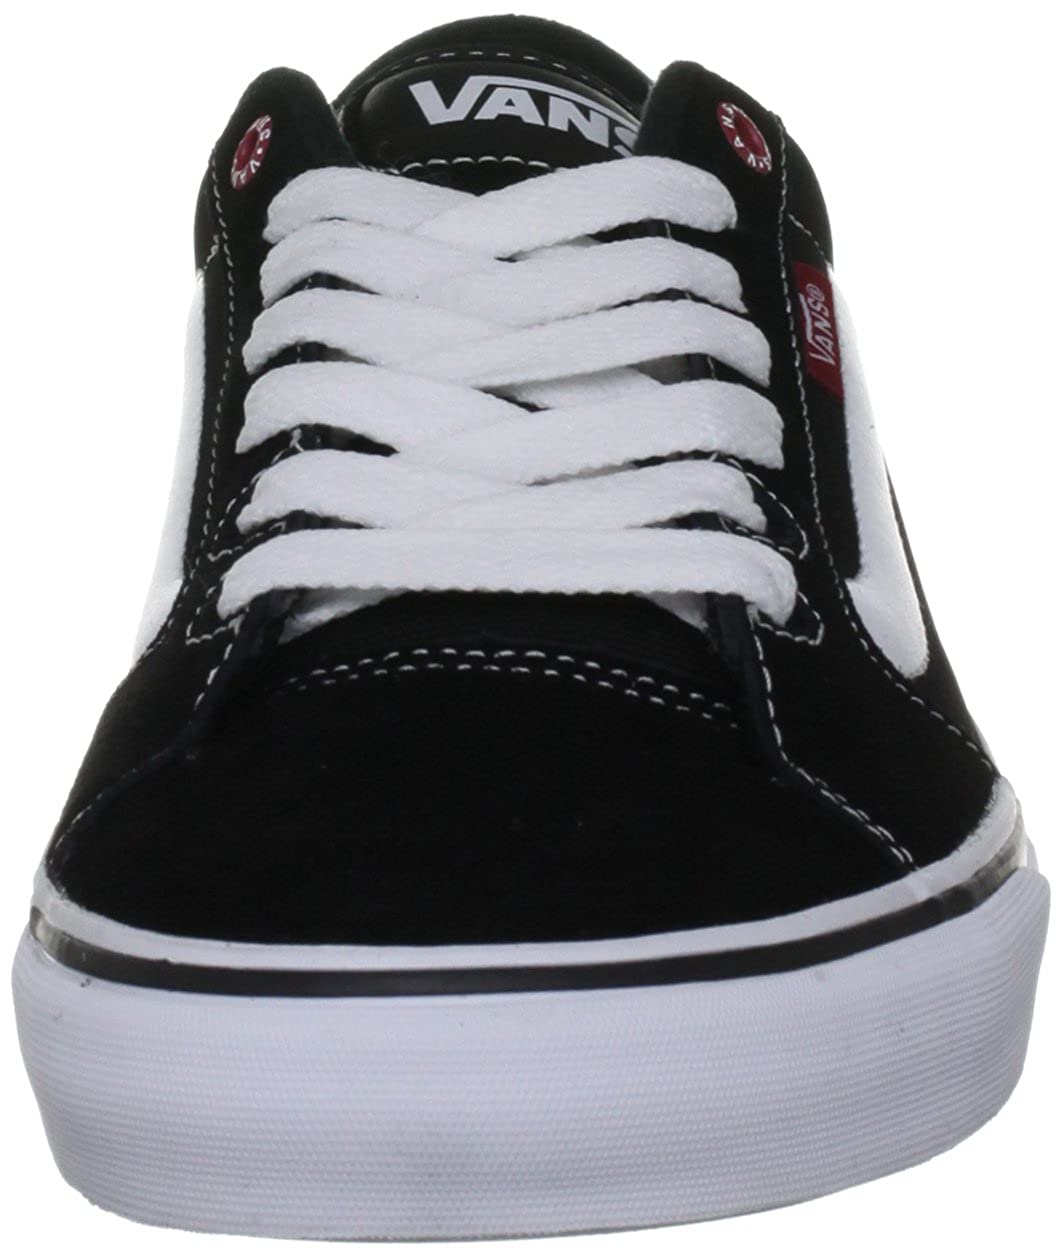 5f7de07bcf11d6 Vans FAULKNER Herren Sneakers  Amazon.de  Schuhe   Handtaschen